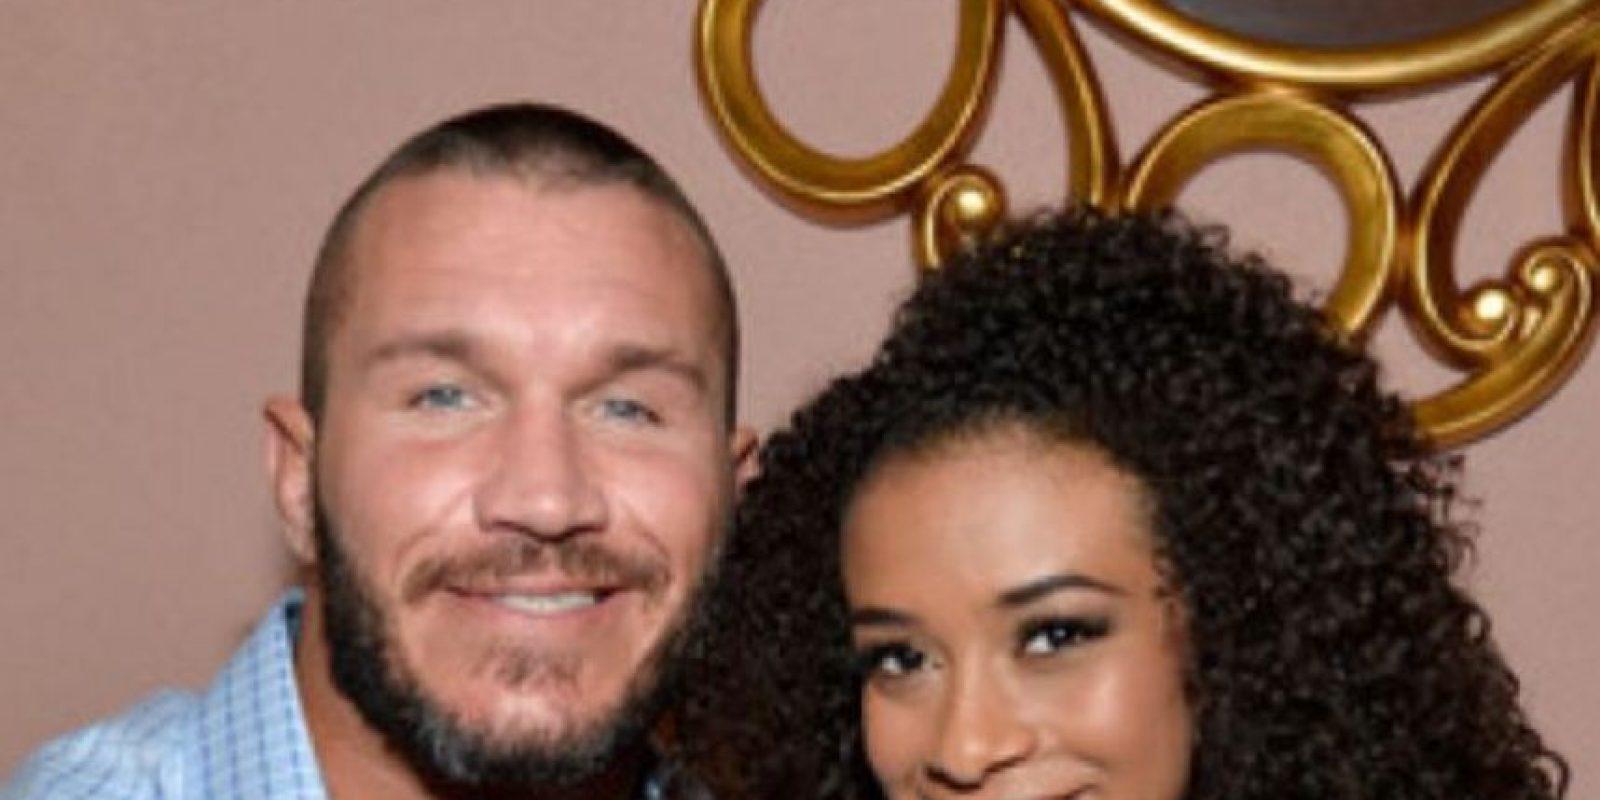 En 2014 se rumoró una relación de Randy Orton con Jojo Foto:WWE